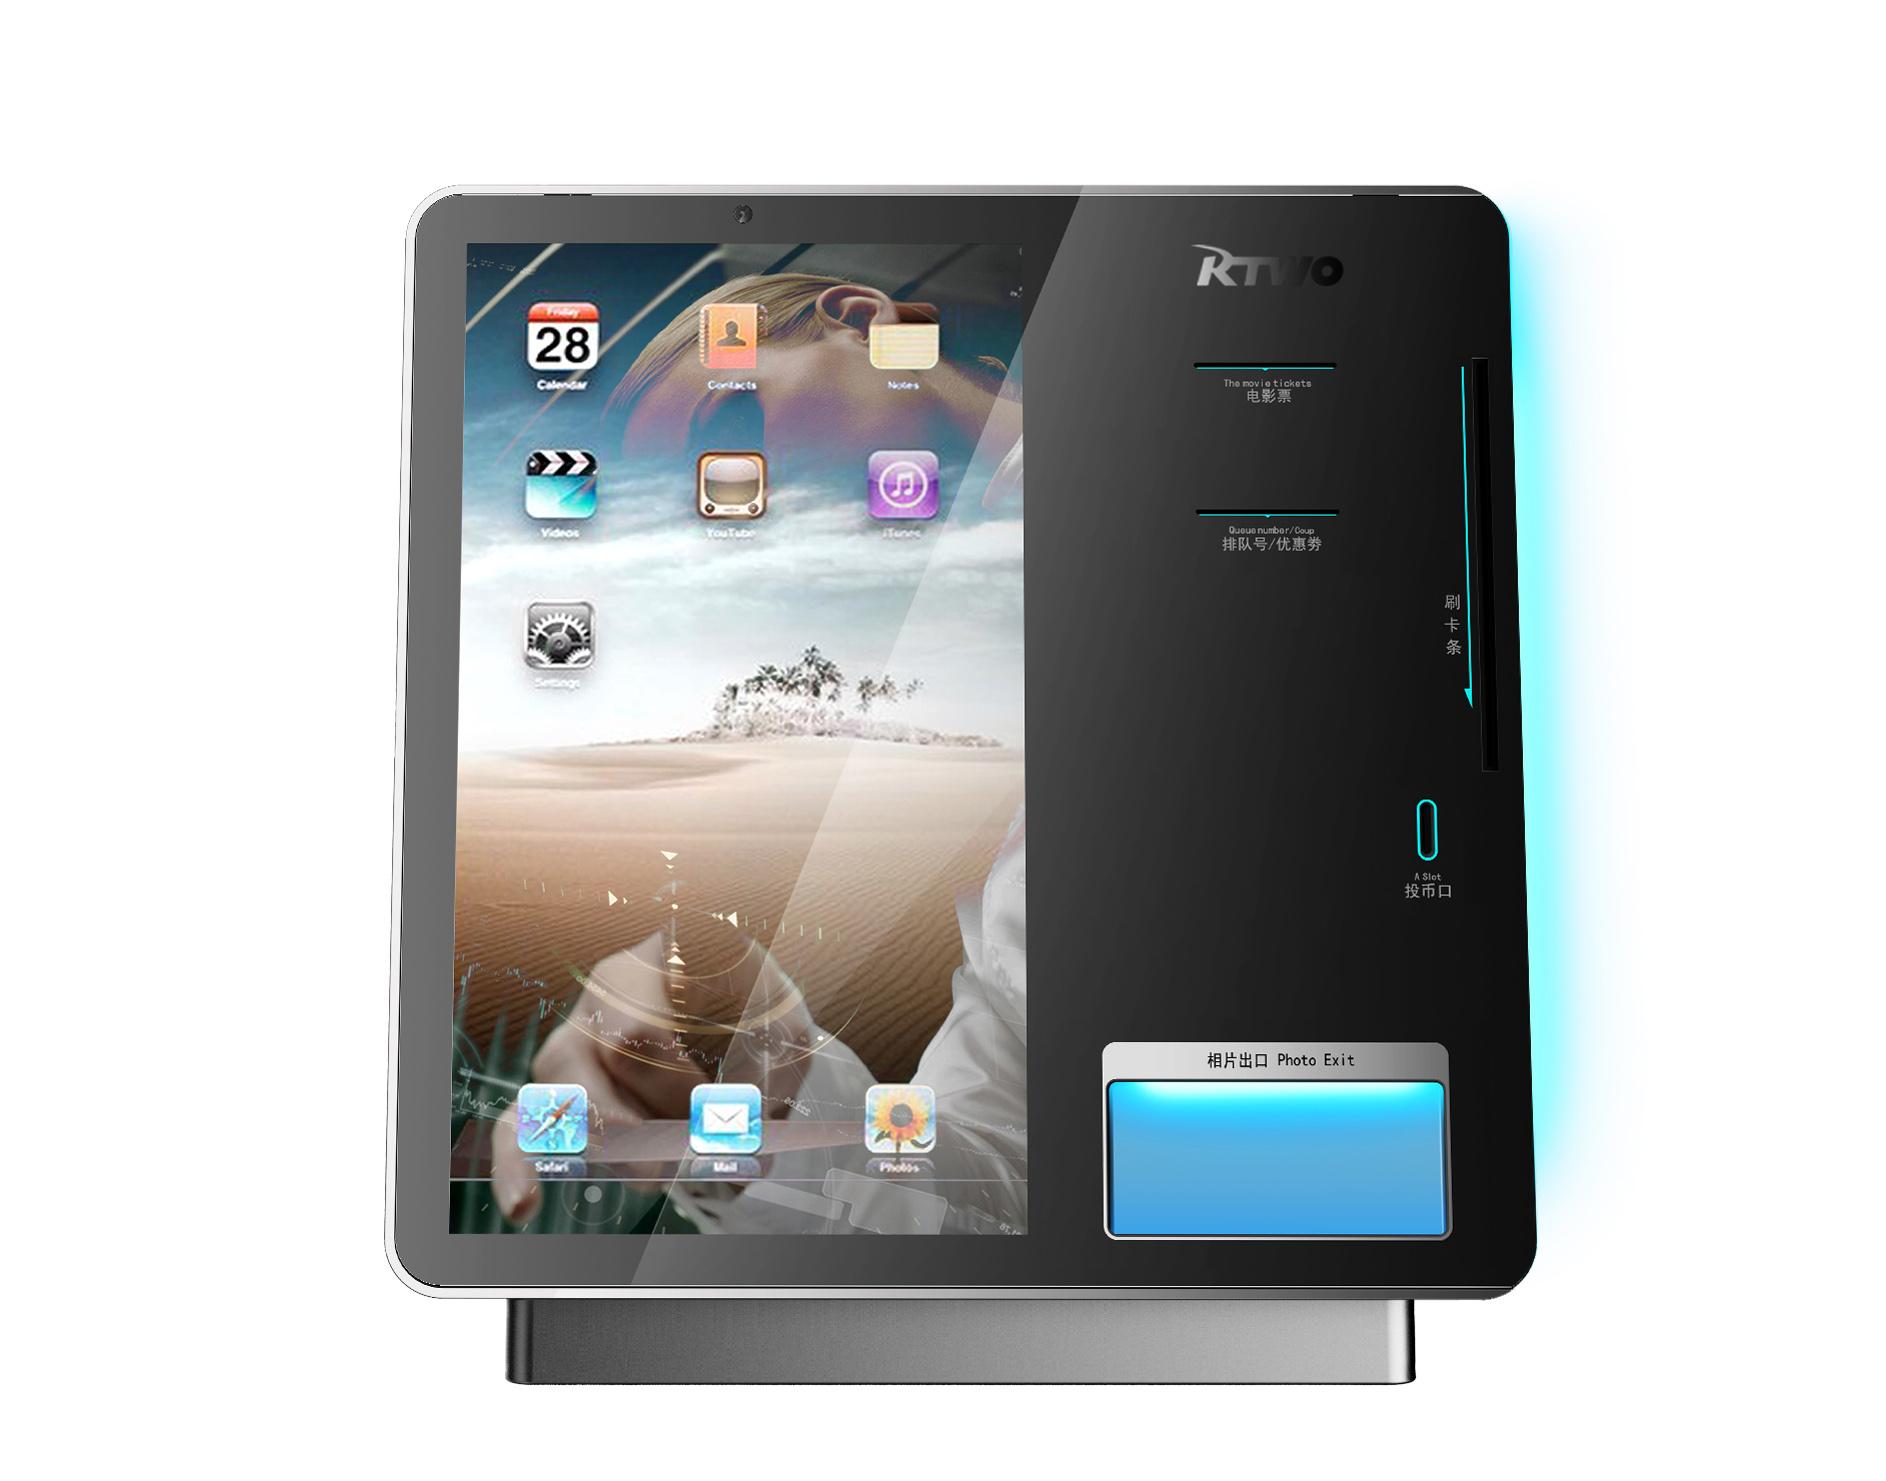 微信打印机_产品设计-来设计